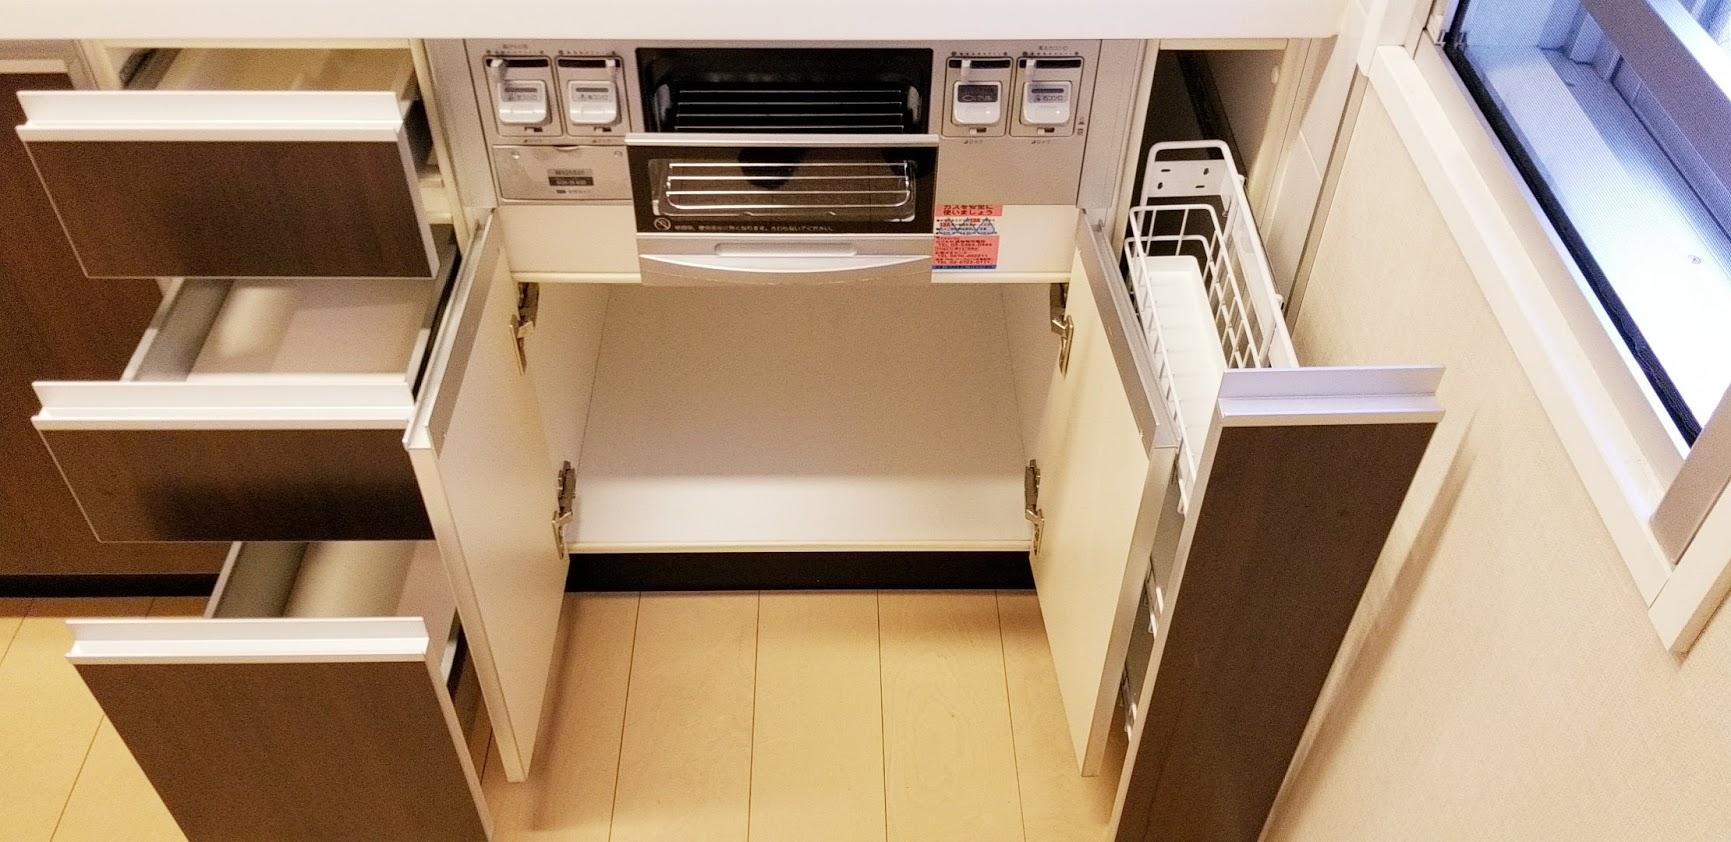 クレストフォルム日本橋水天宮のキッチンの3口ガスコンロ下の収納